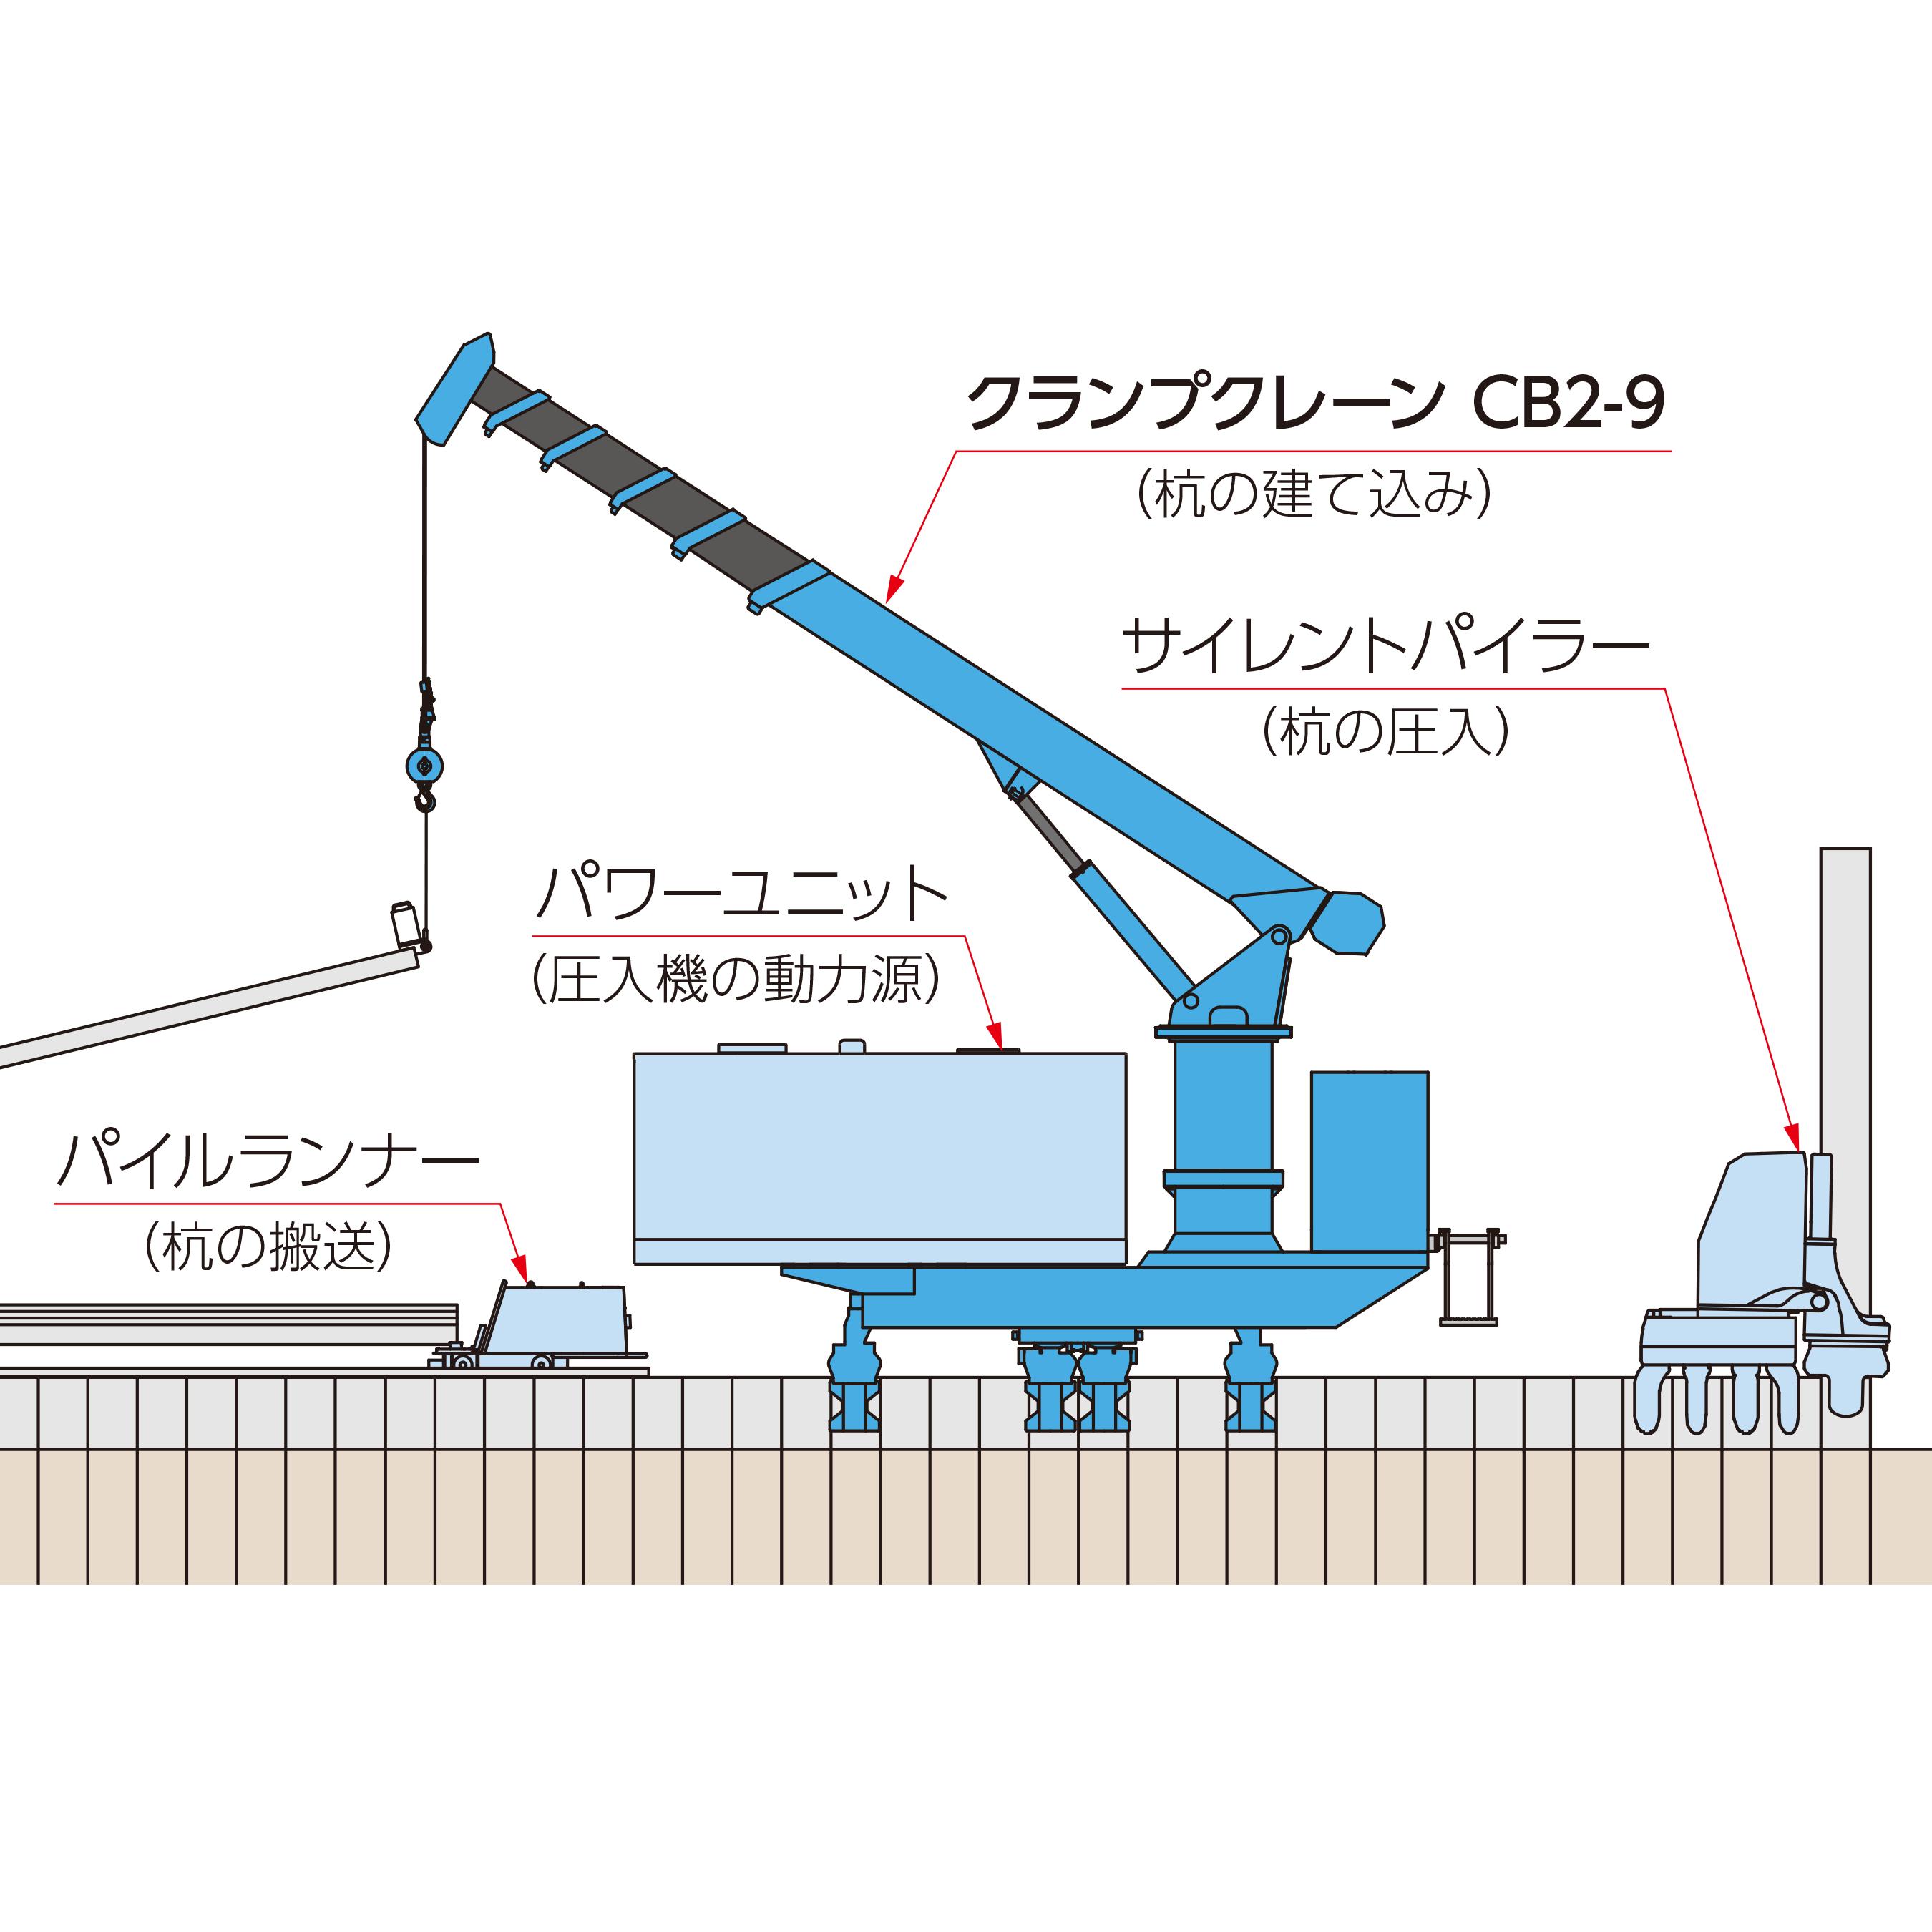 圧入原理の優位性に基づく杭建て込み装置 「クランプクレーンCB2-9」 を開発